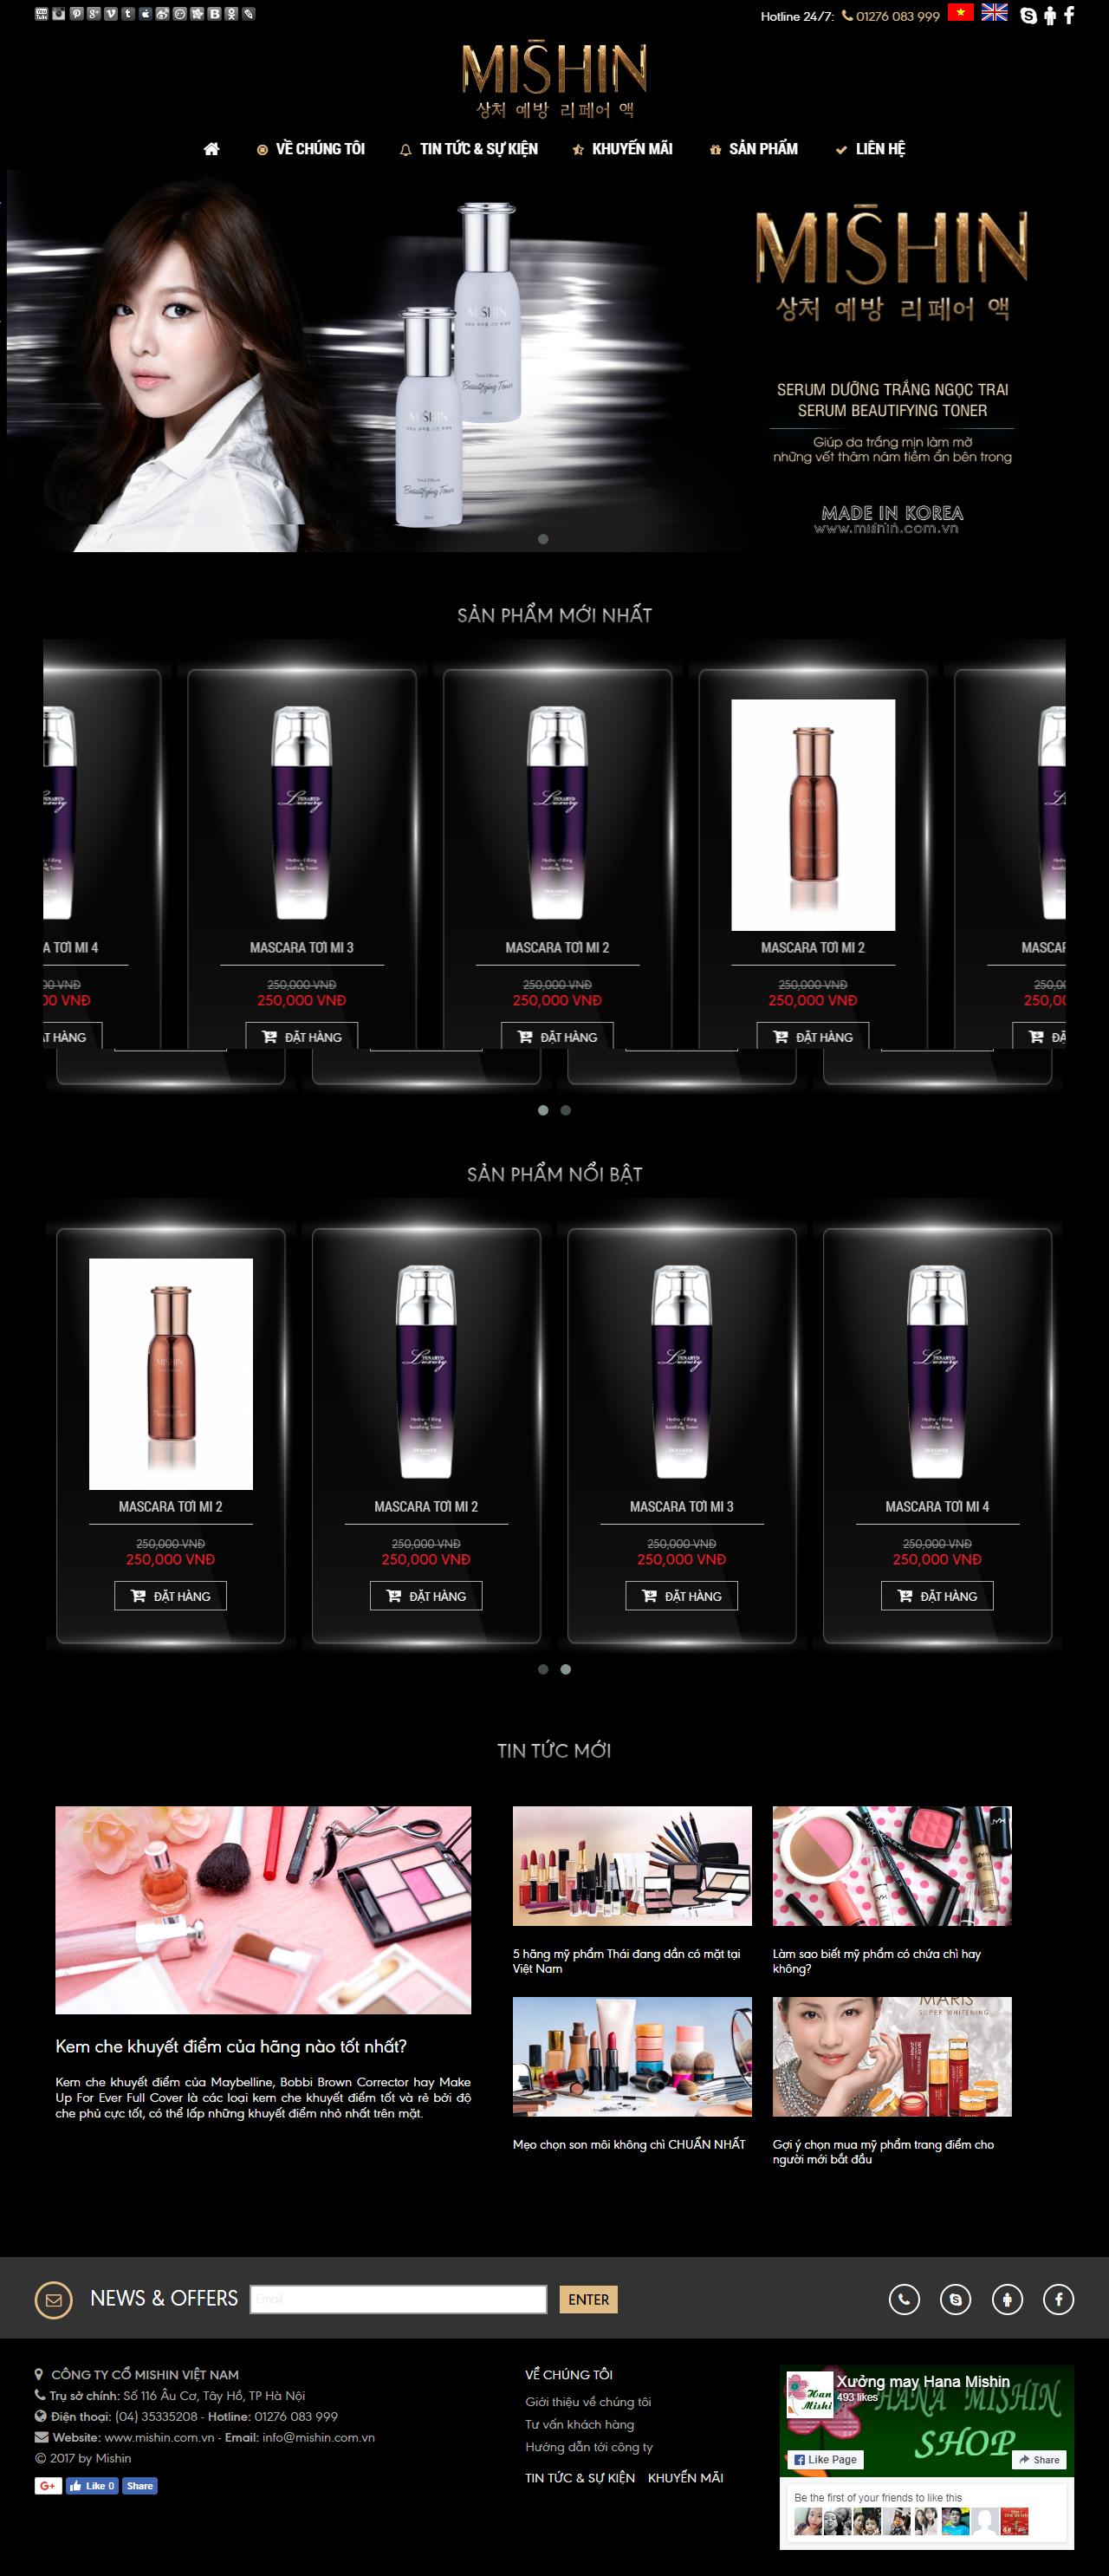 Thiết kế web giá rẻ mỹ phẩm, nước hoa